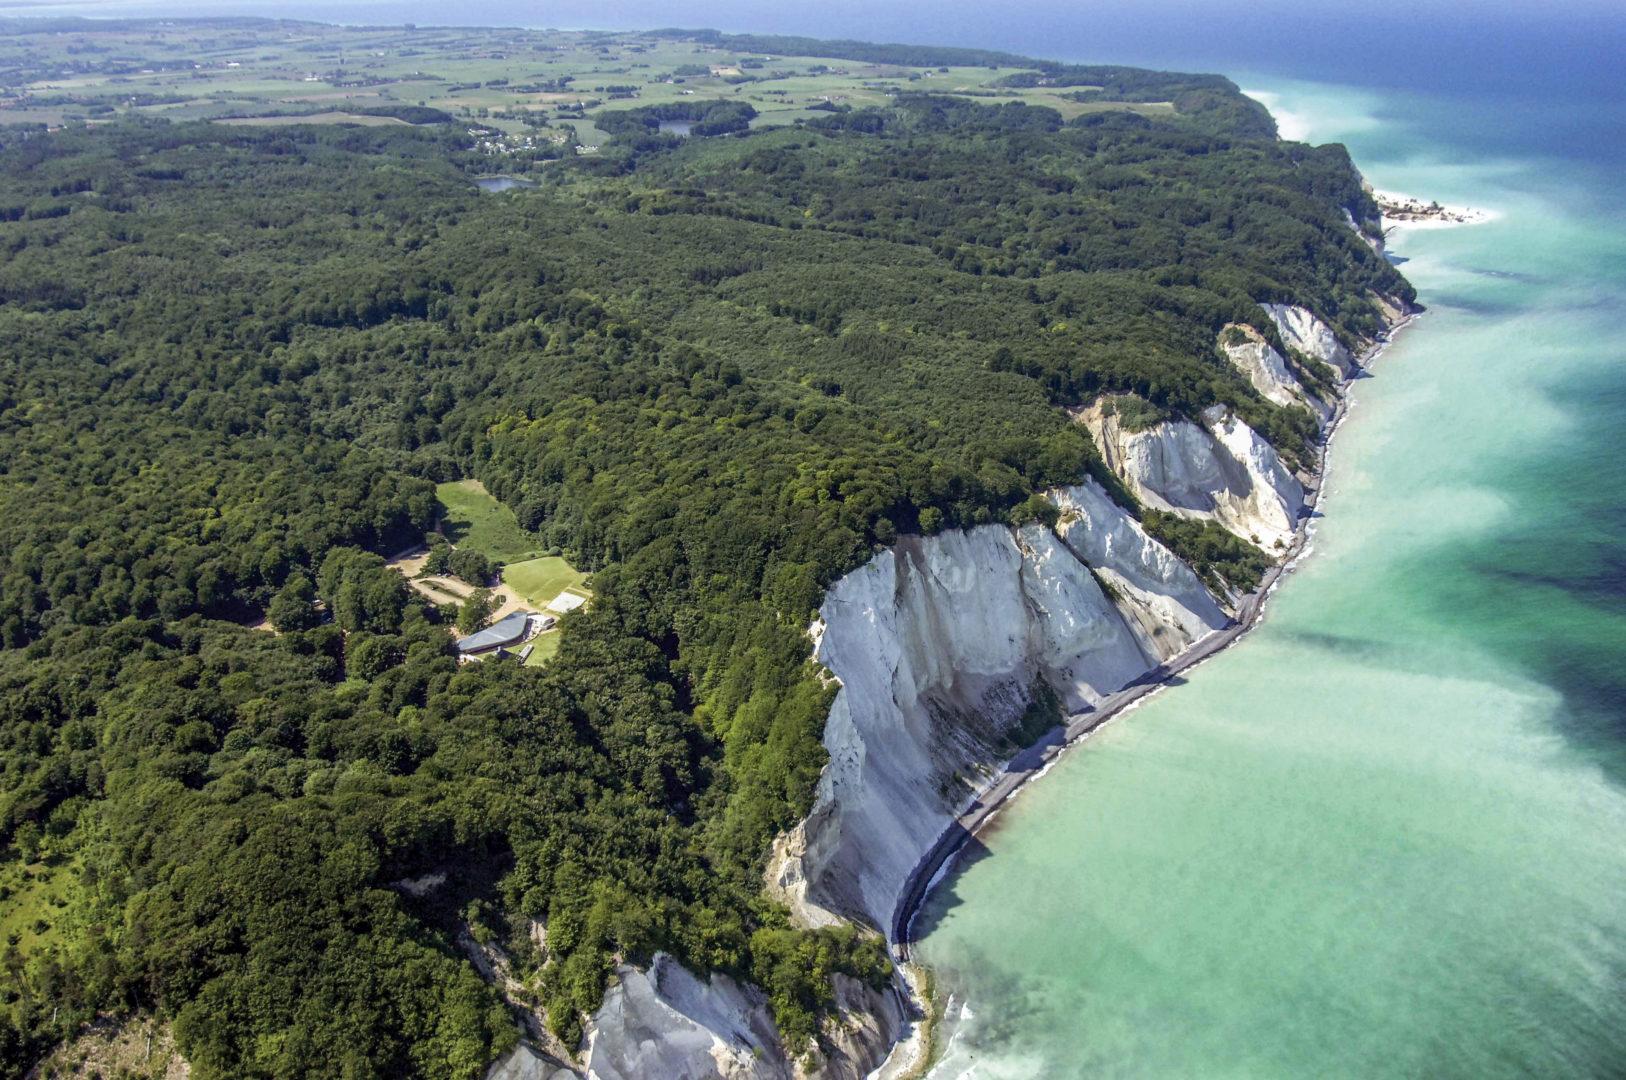 Fantastiske Møns Klint med sine over 100 meter hvide kridtskrænter